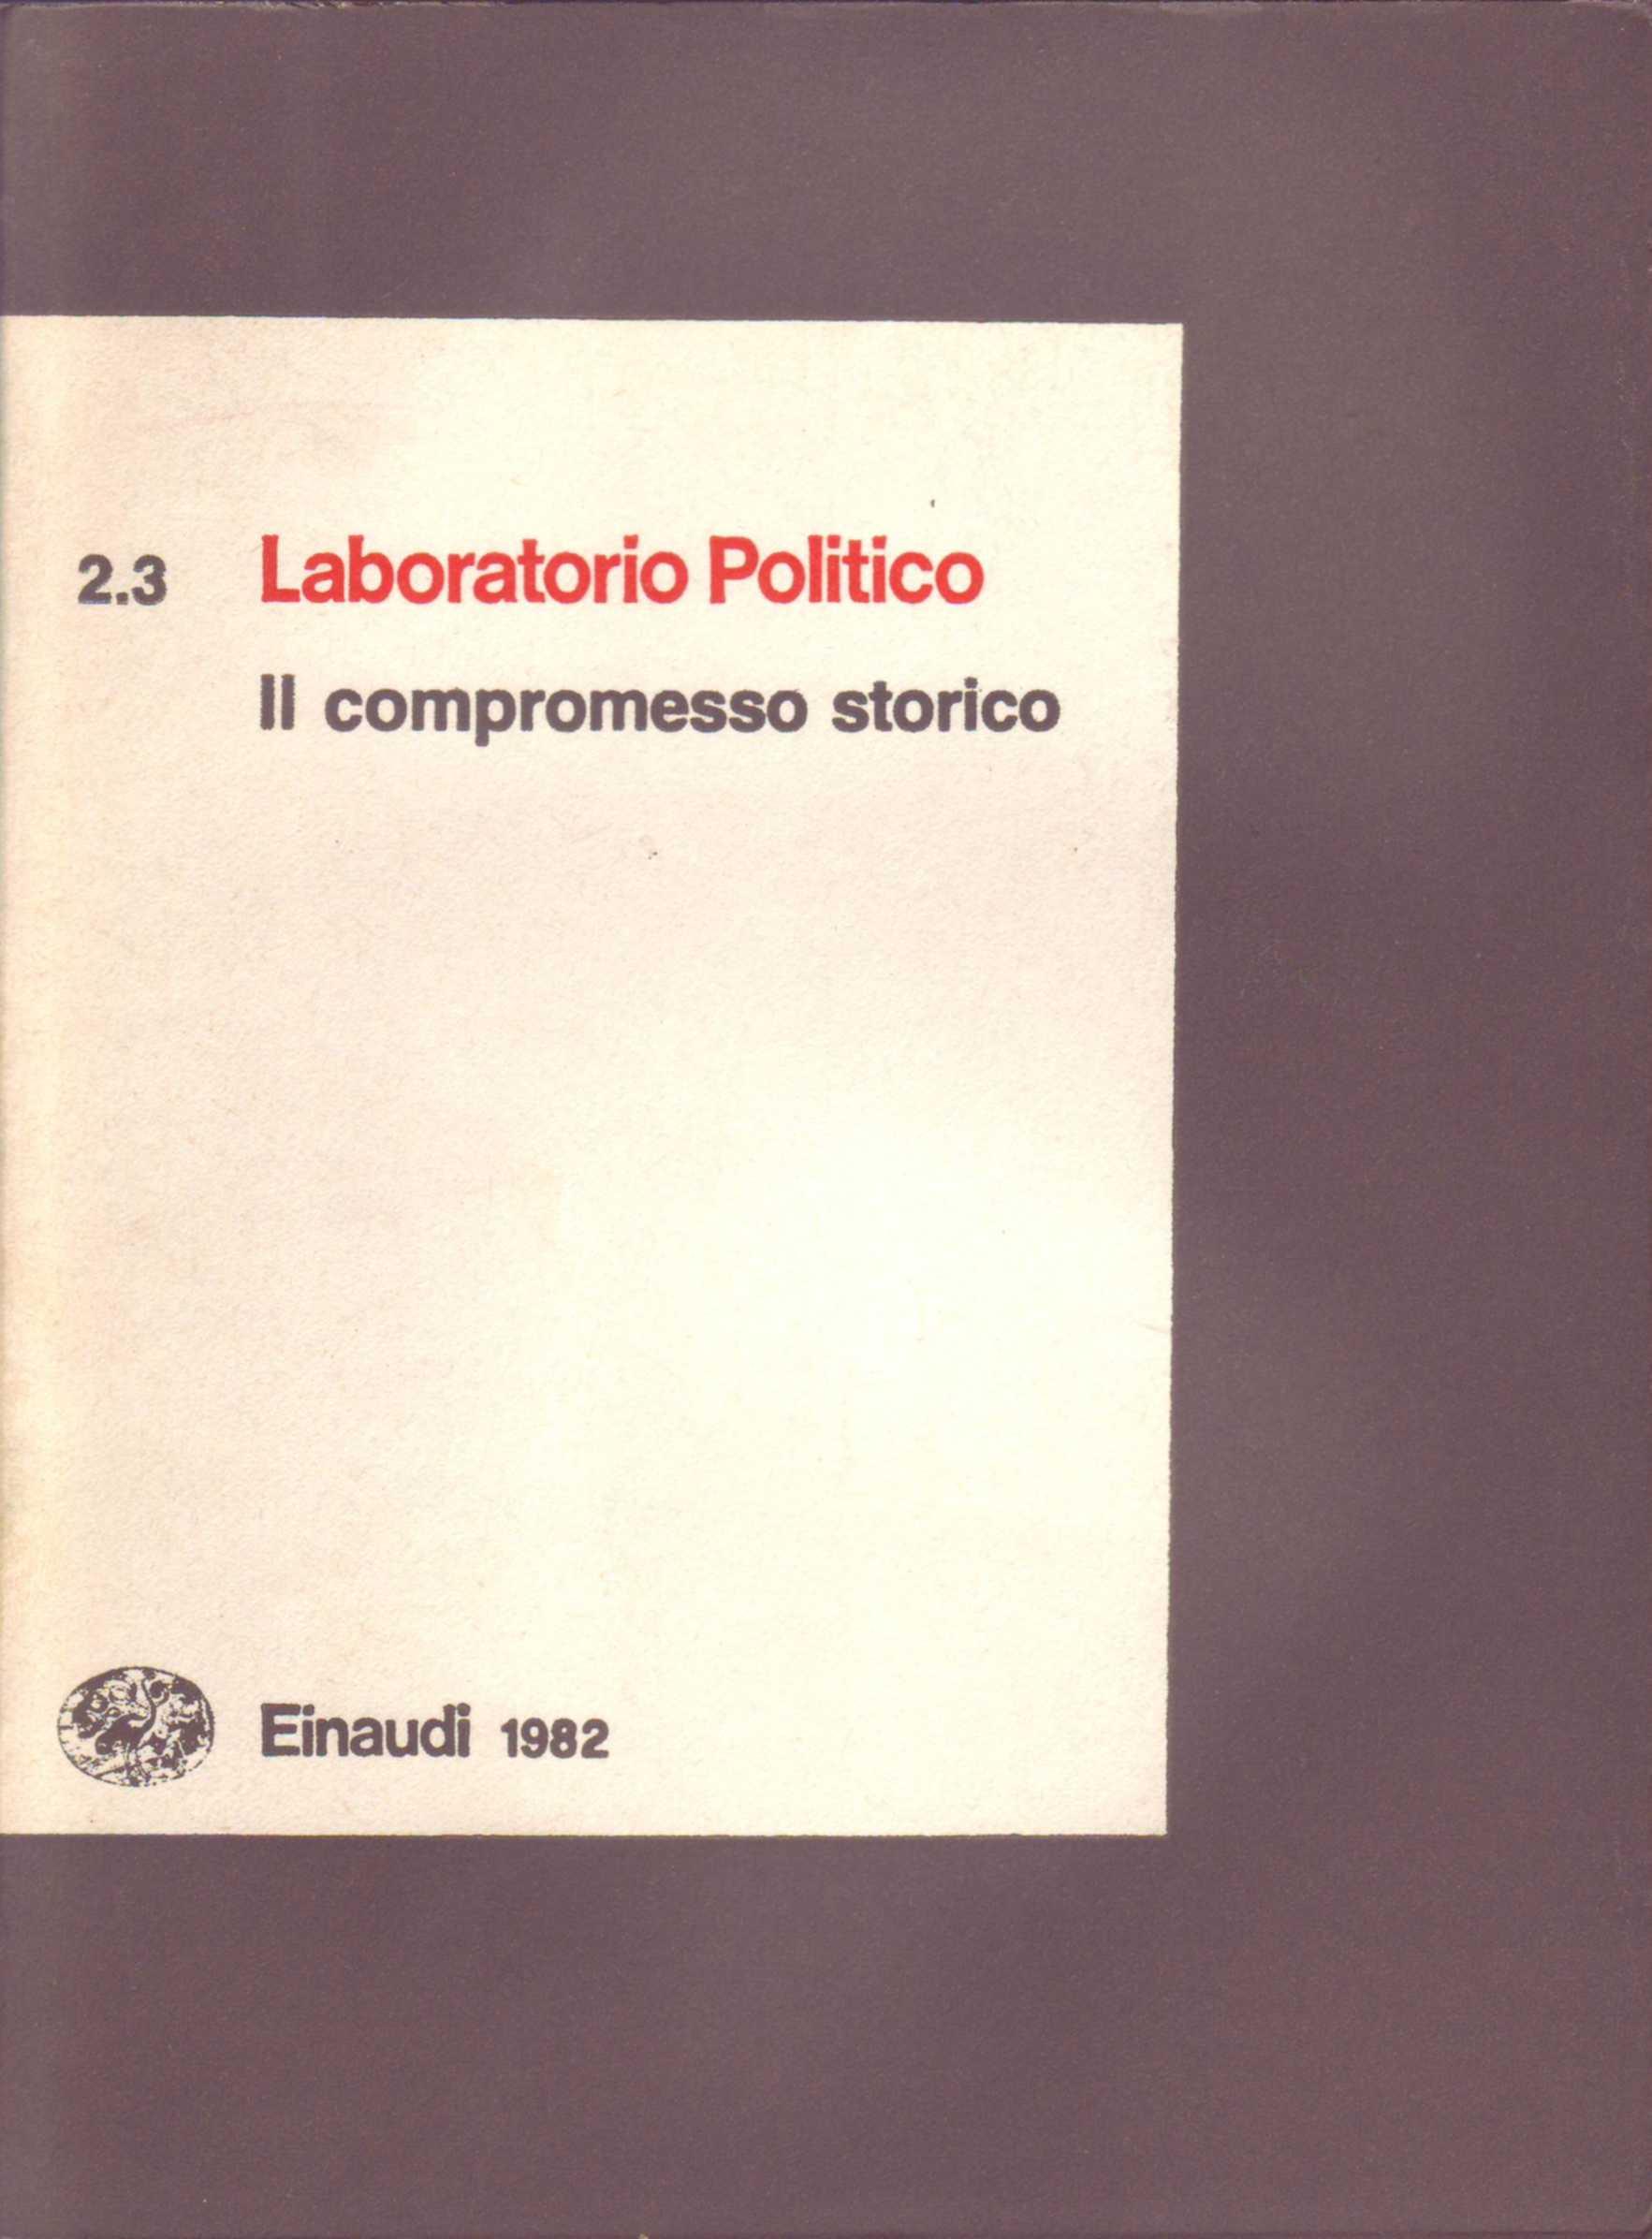 Laboratorio Politico...